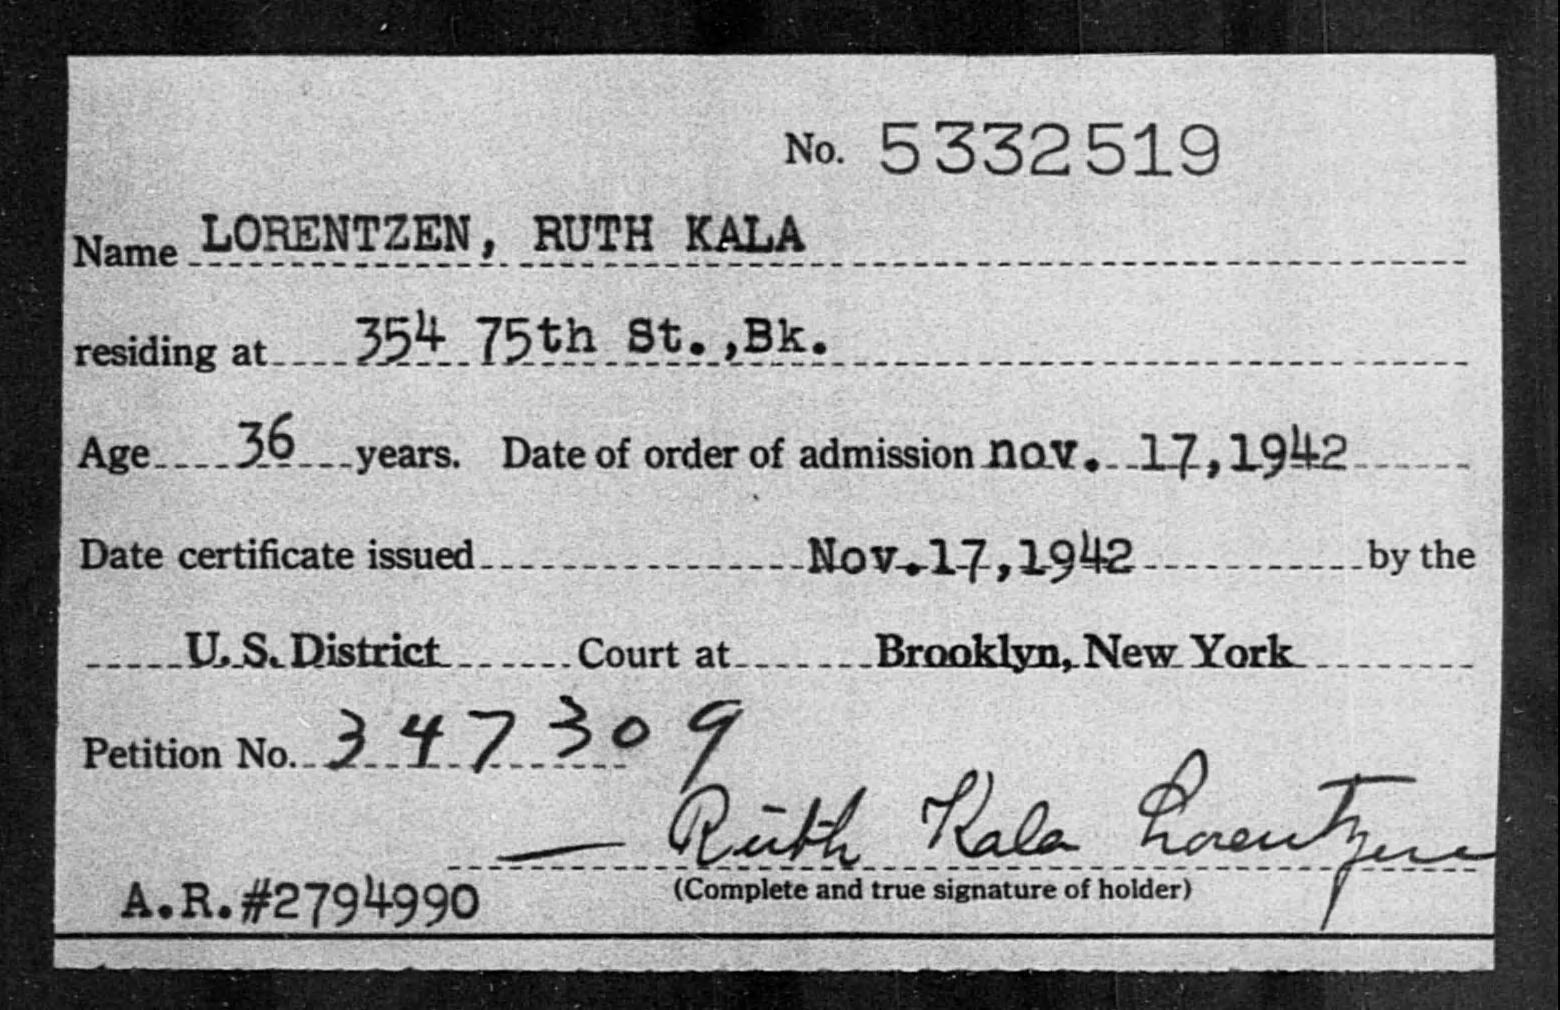 LORENTZEN, RUTH KALA - Born: [BLANK], Naturalized: 1942